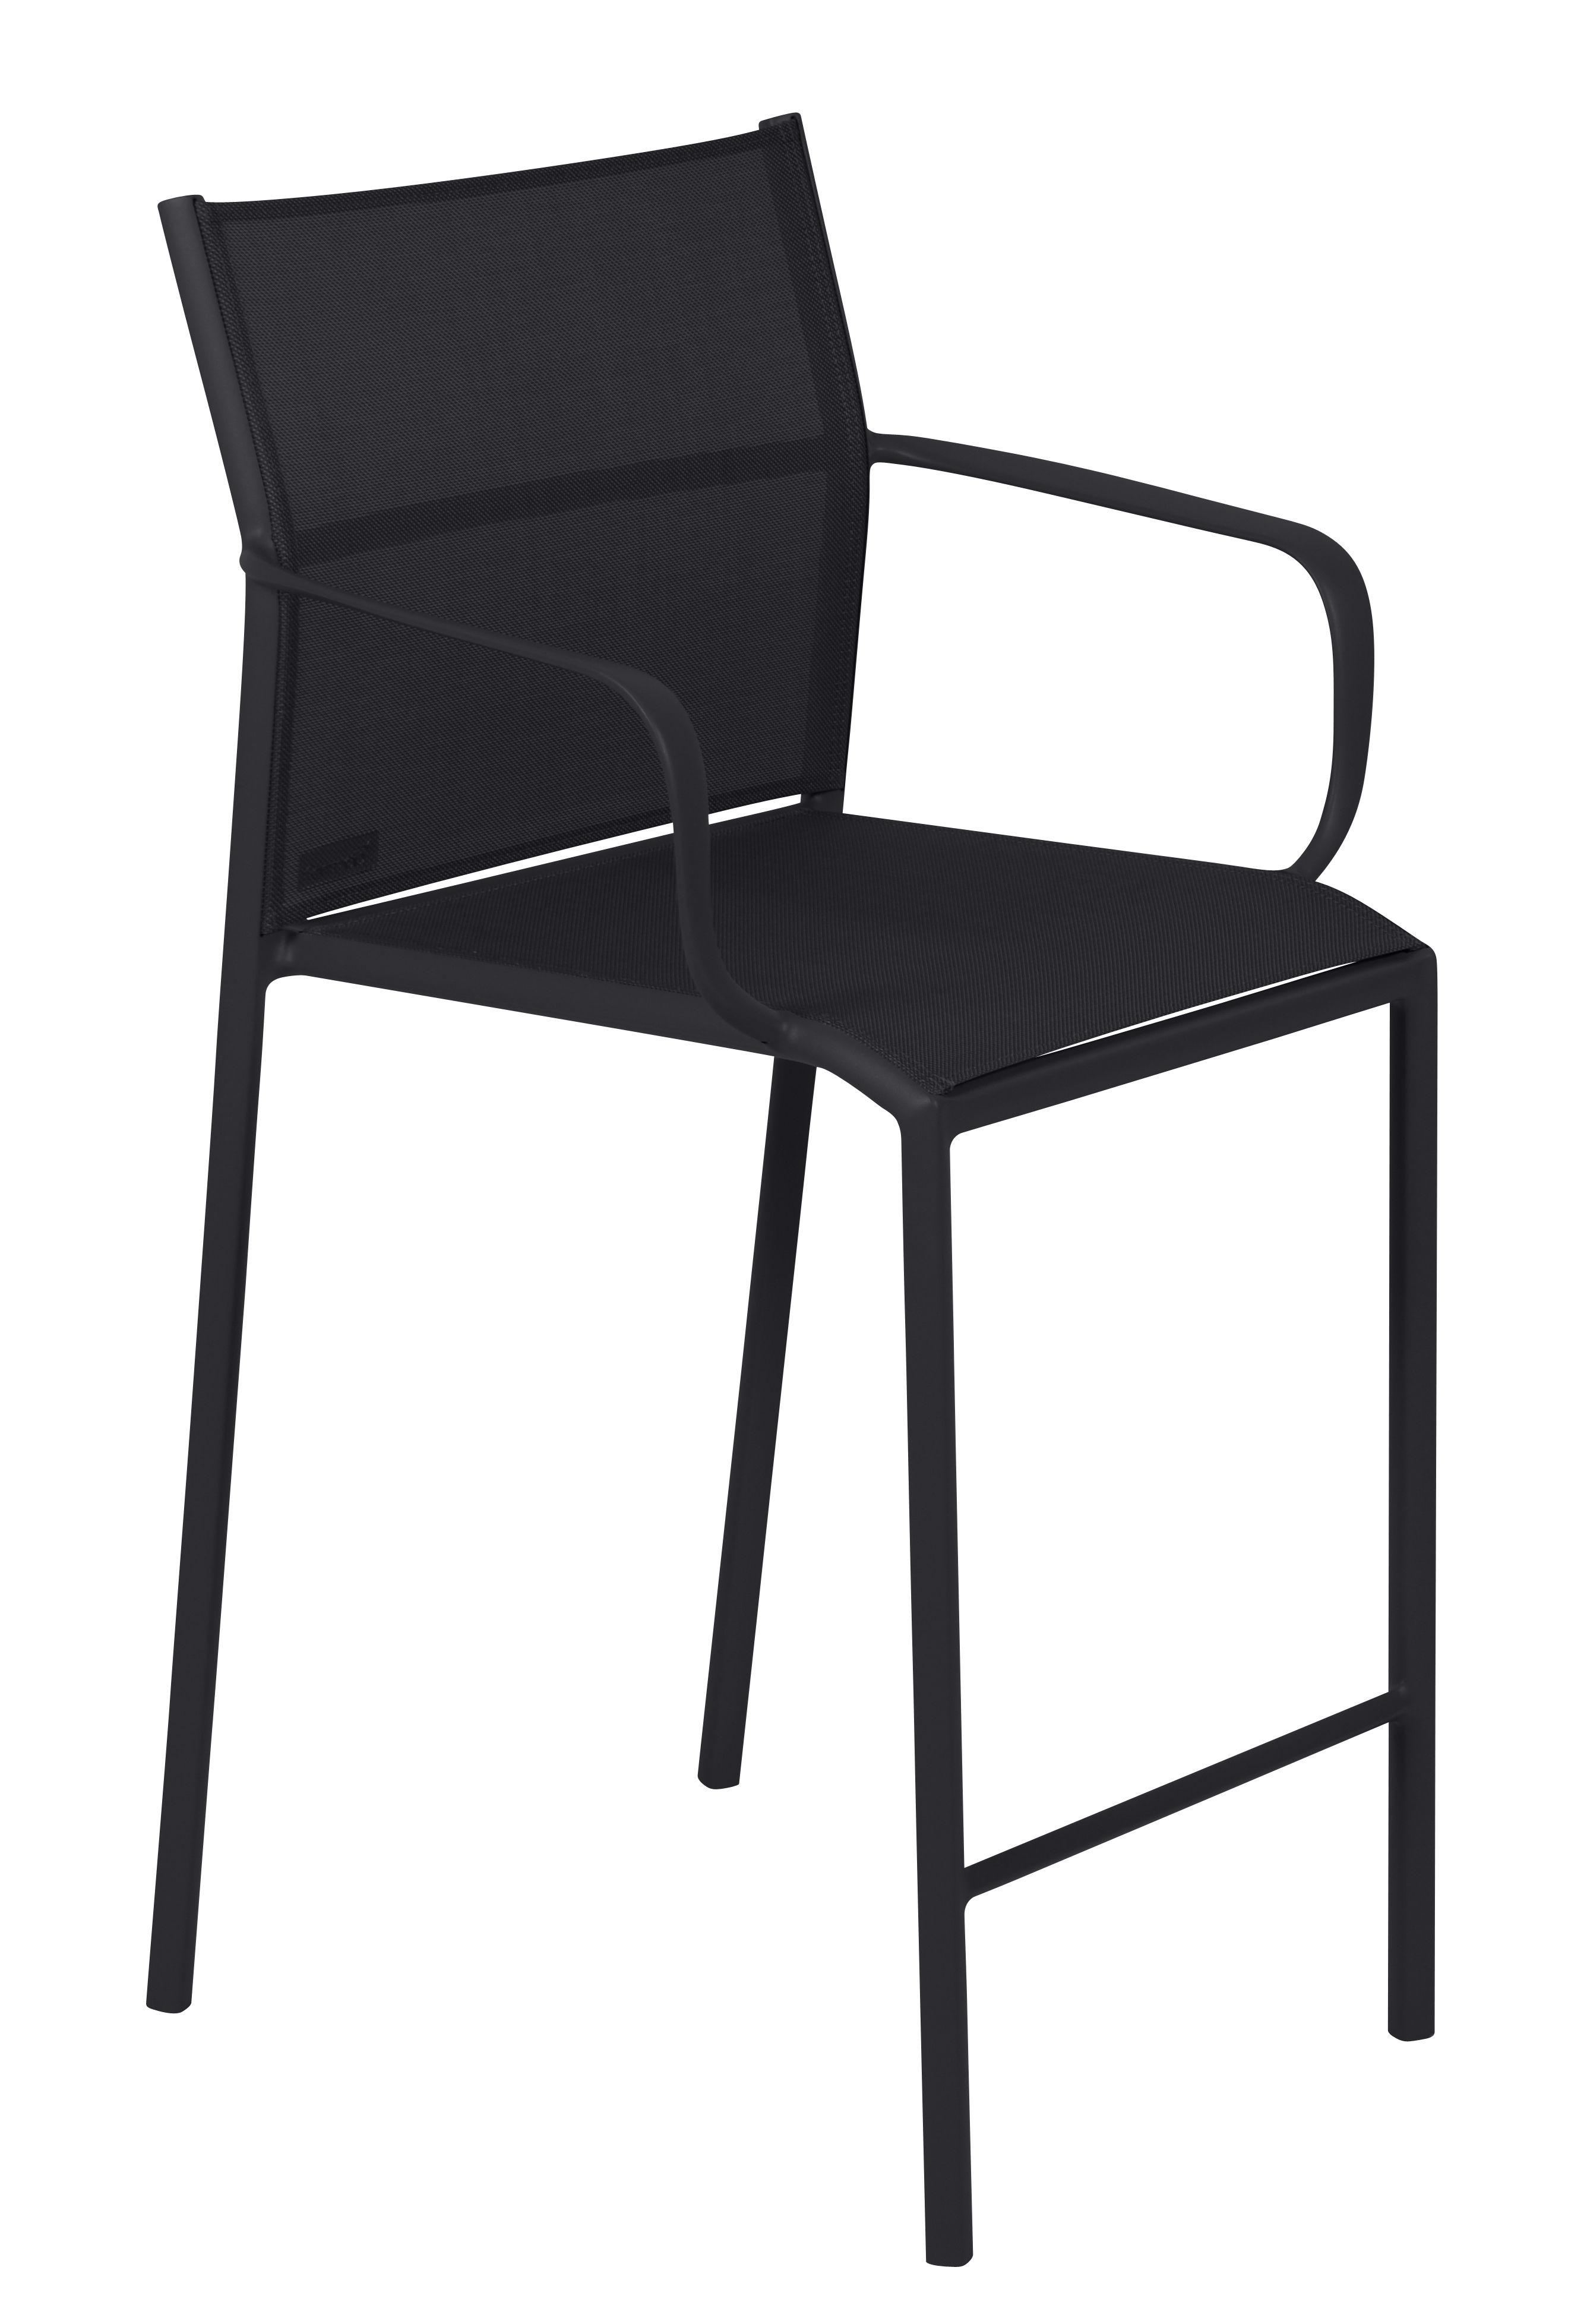 Mobilier - Tabourets de bar - Tabouret haut Cadiz / Avec accoudoirs - H 65 cm - Fermob - Réglisse - Aluminium laqué, Toile Batyline®